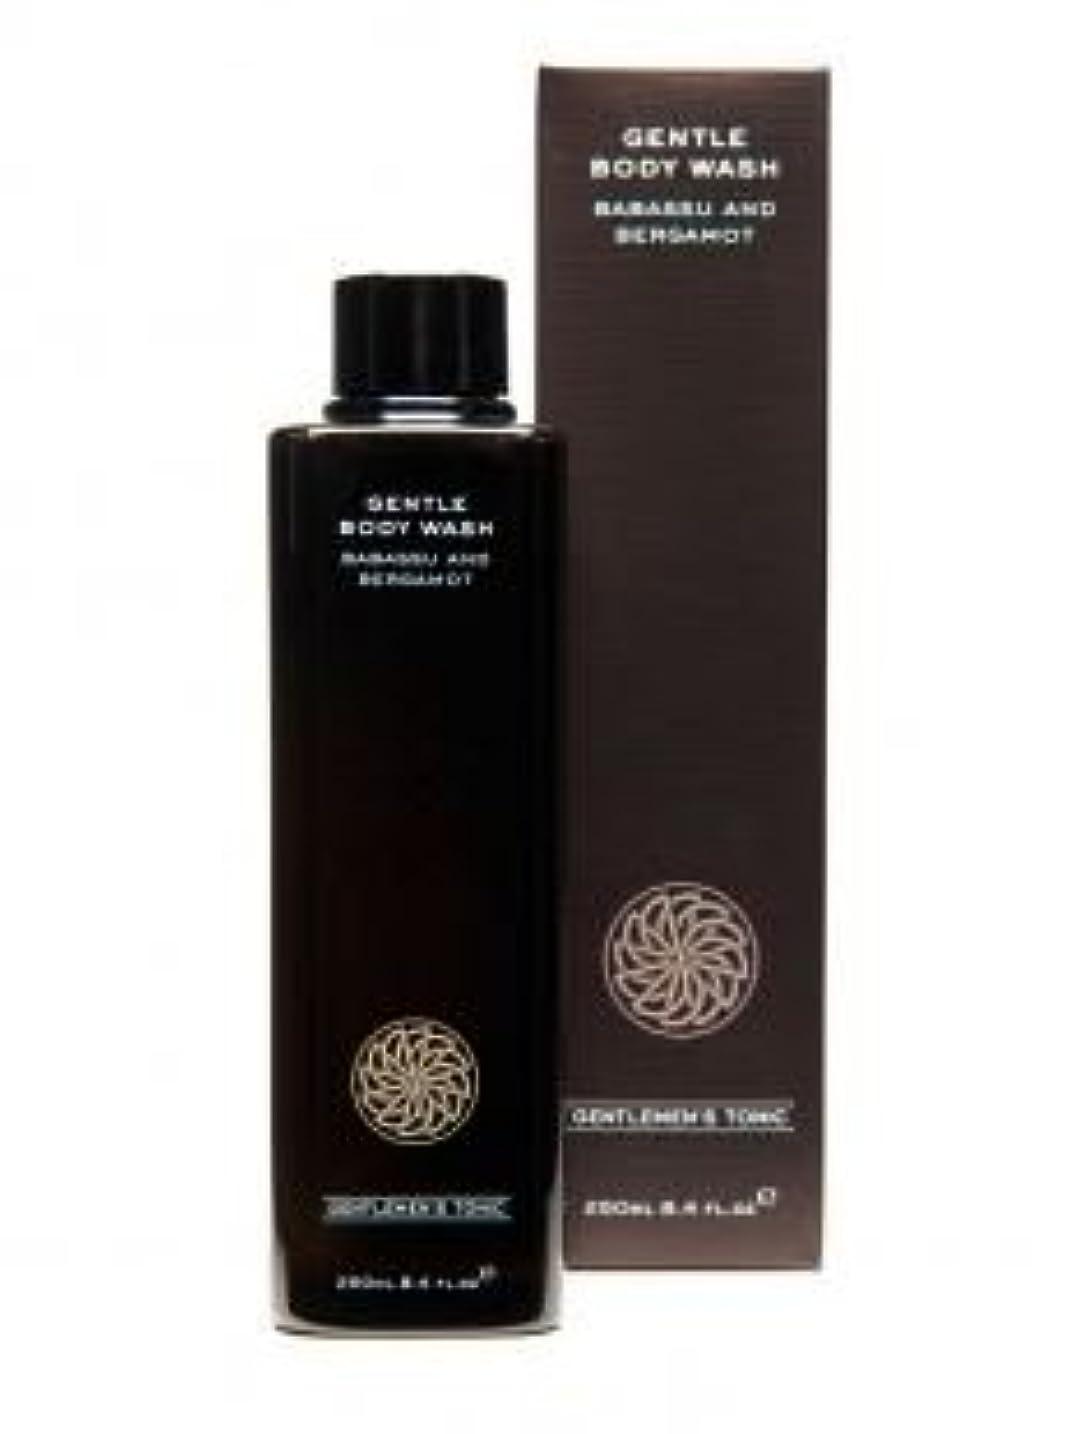 心理学港宿題Gentlemen's Tonic ジェントルメンズトニック Gentle Body Wash (ジェントルボディウォッシュ) 250ml